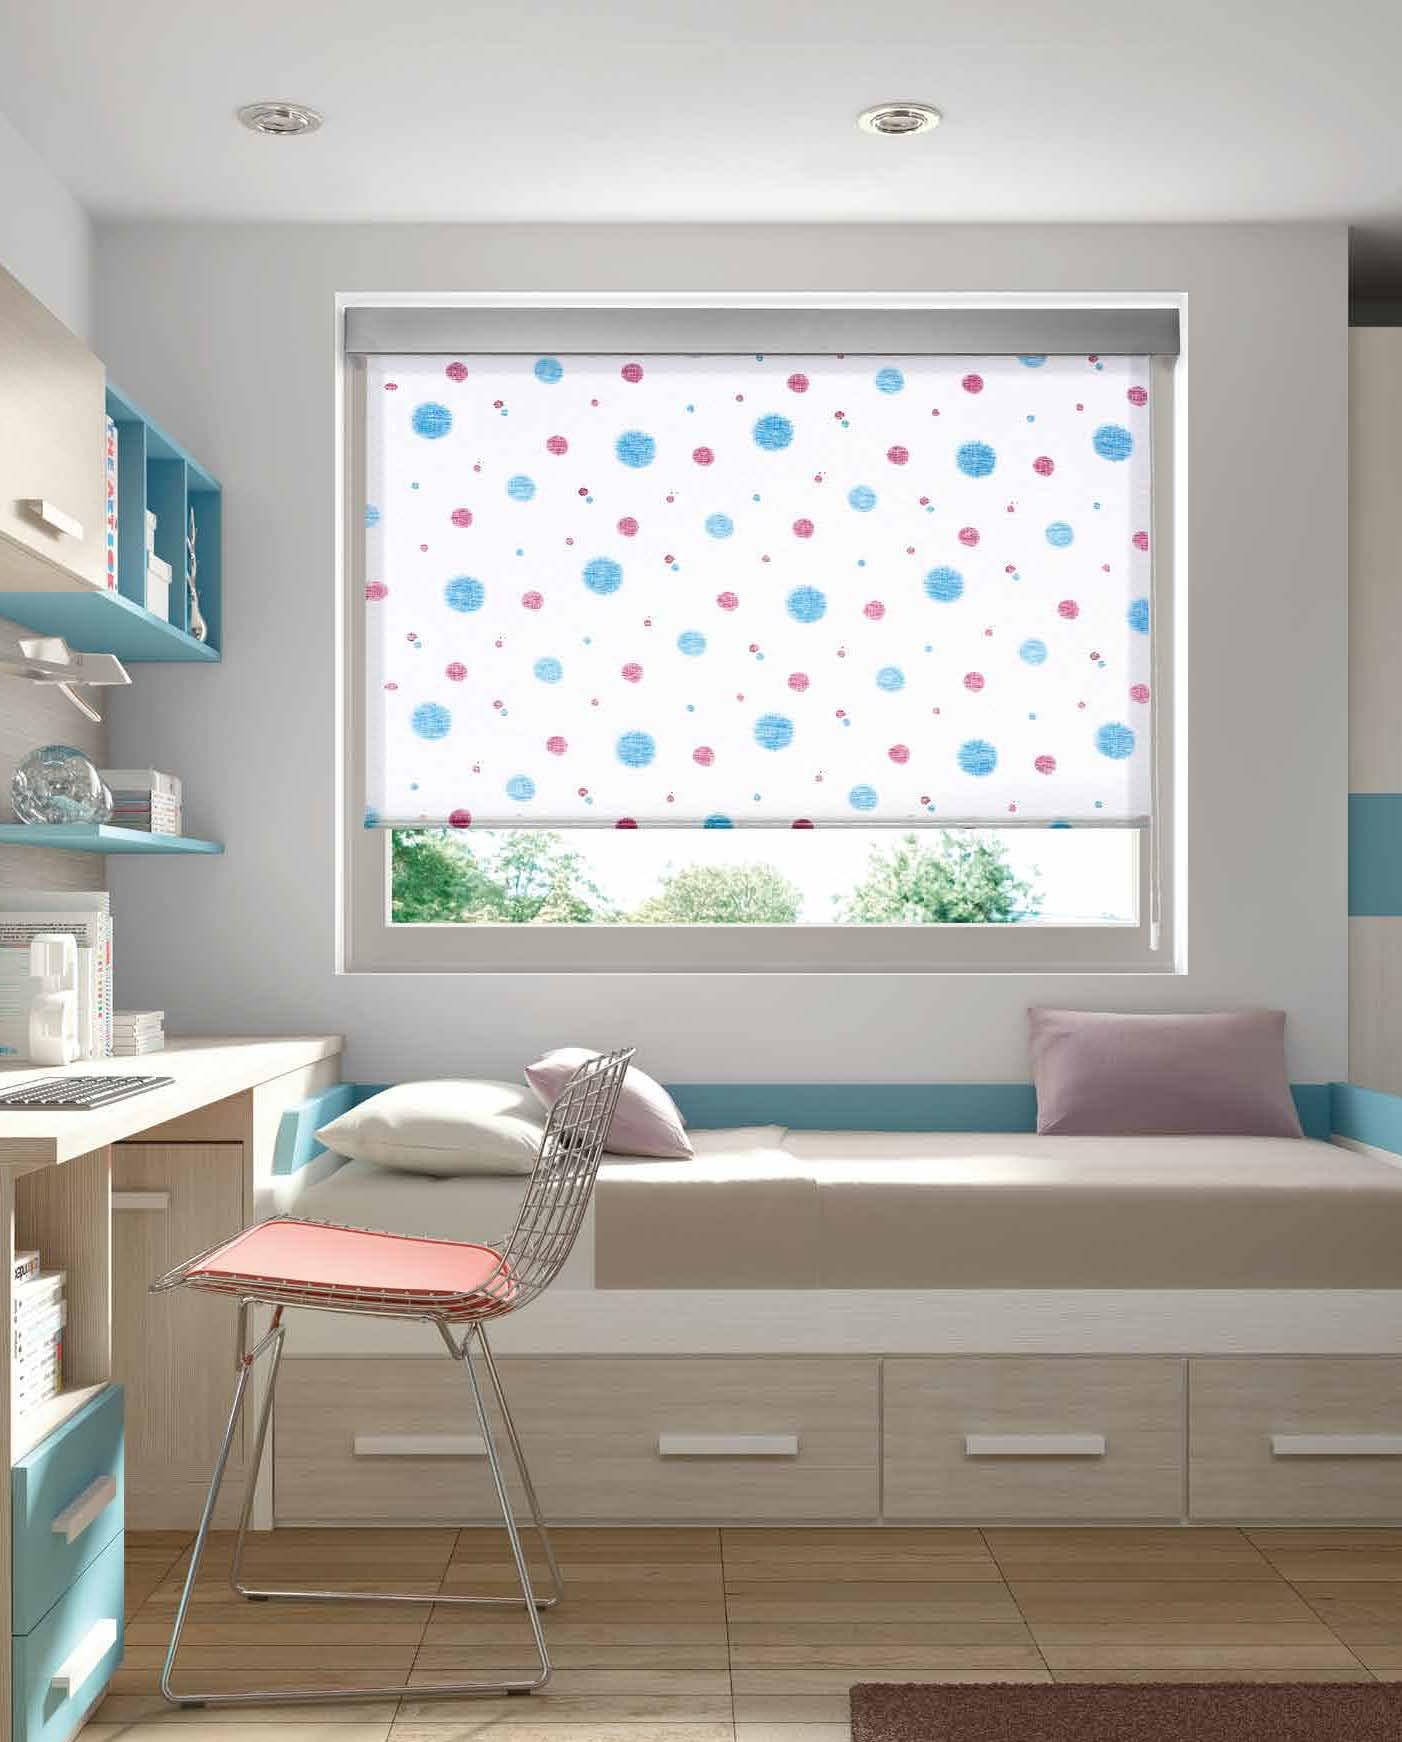 Cortinas rollers habitaciones iluminadas para ni os - Estores para habitaciones juveniles ...